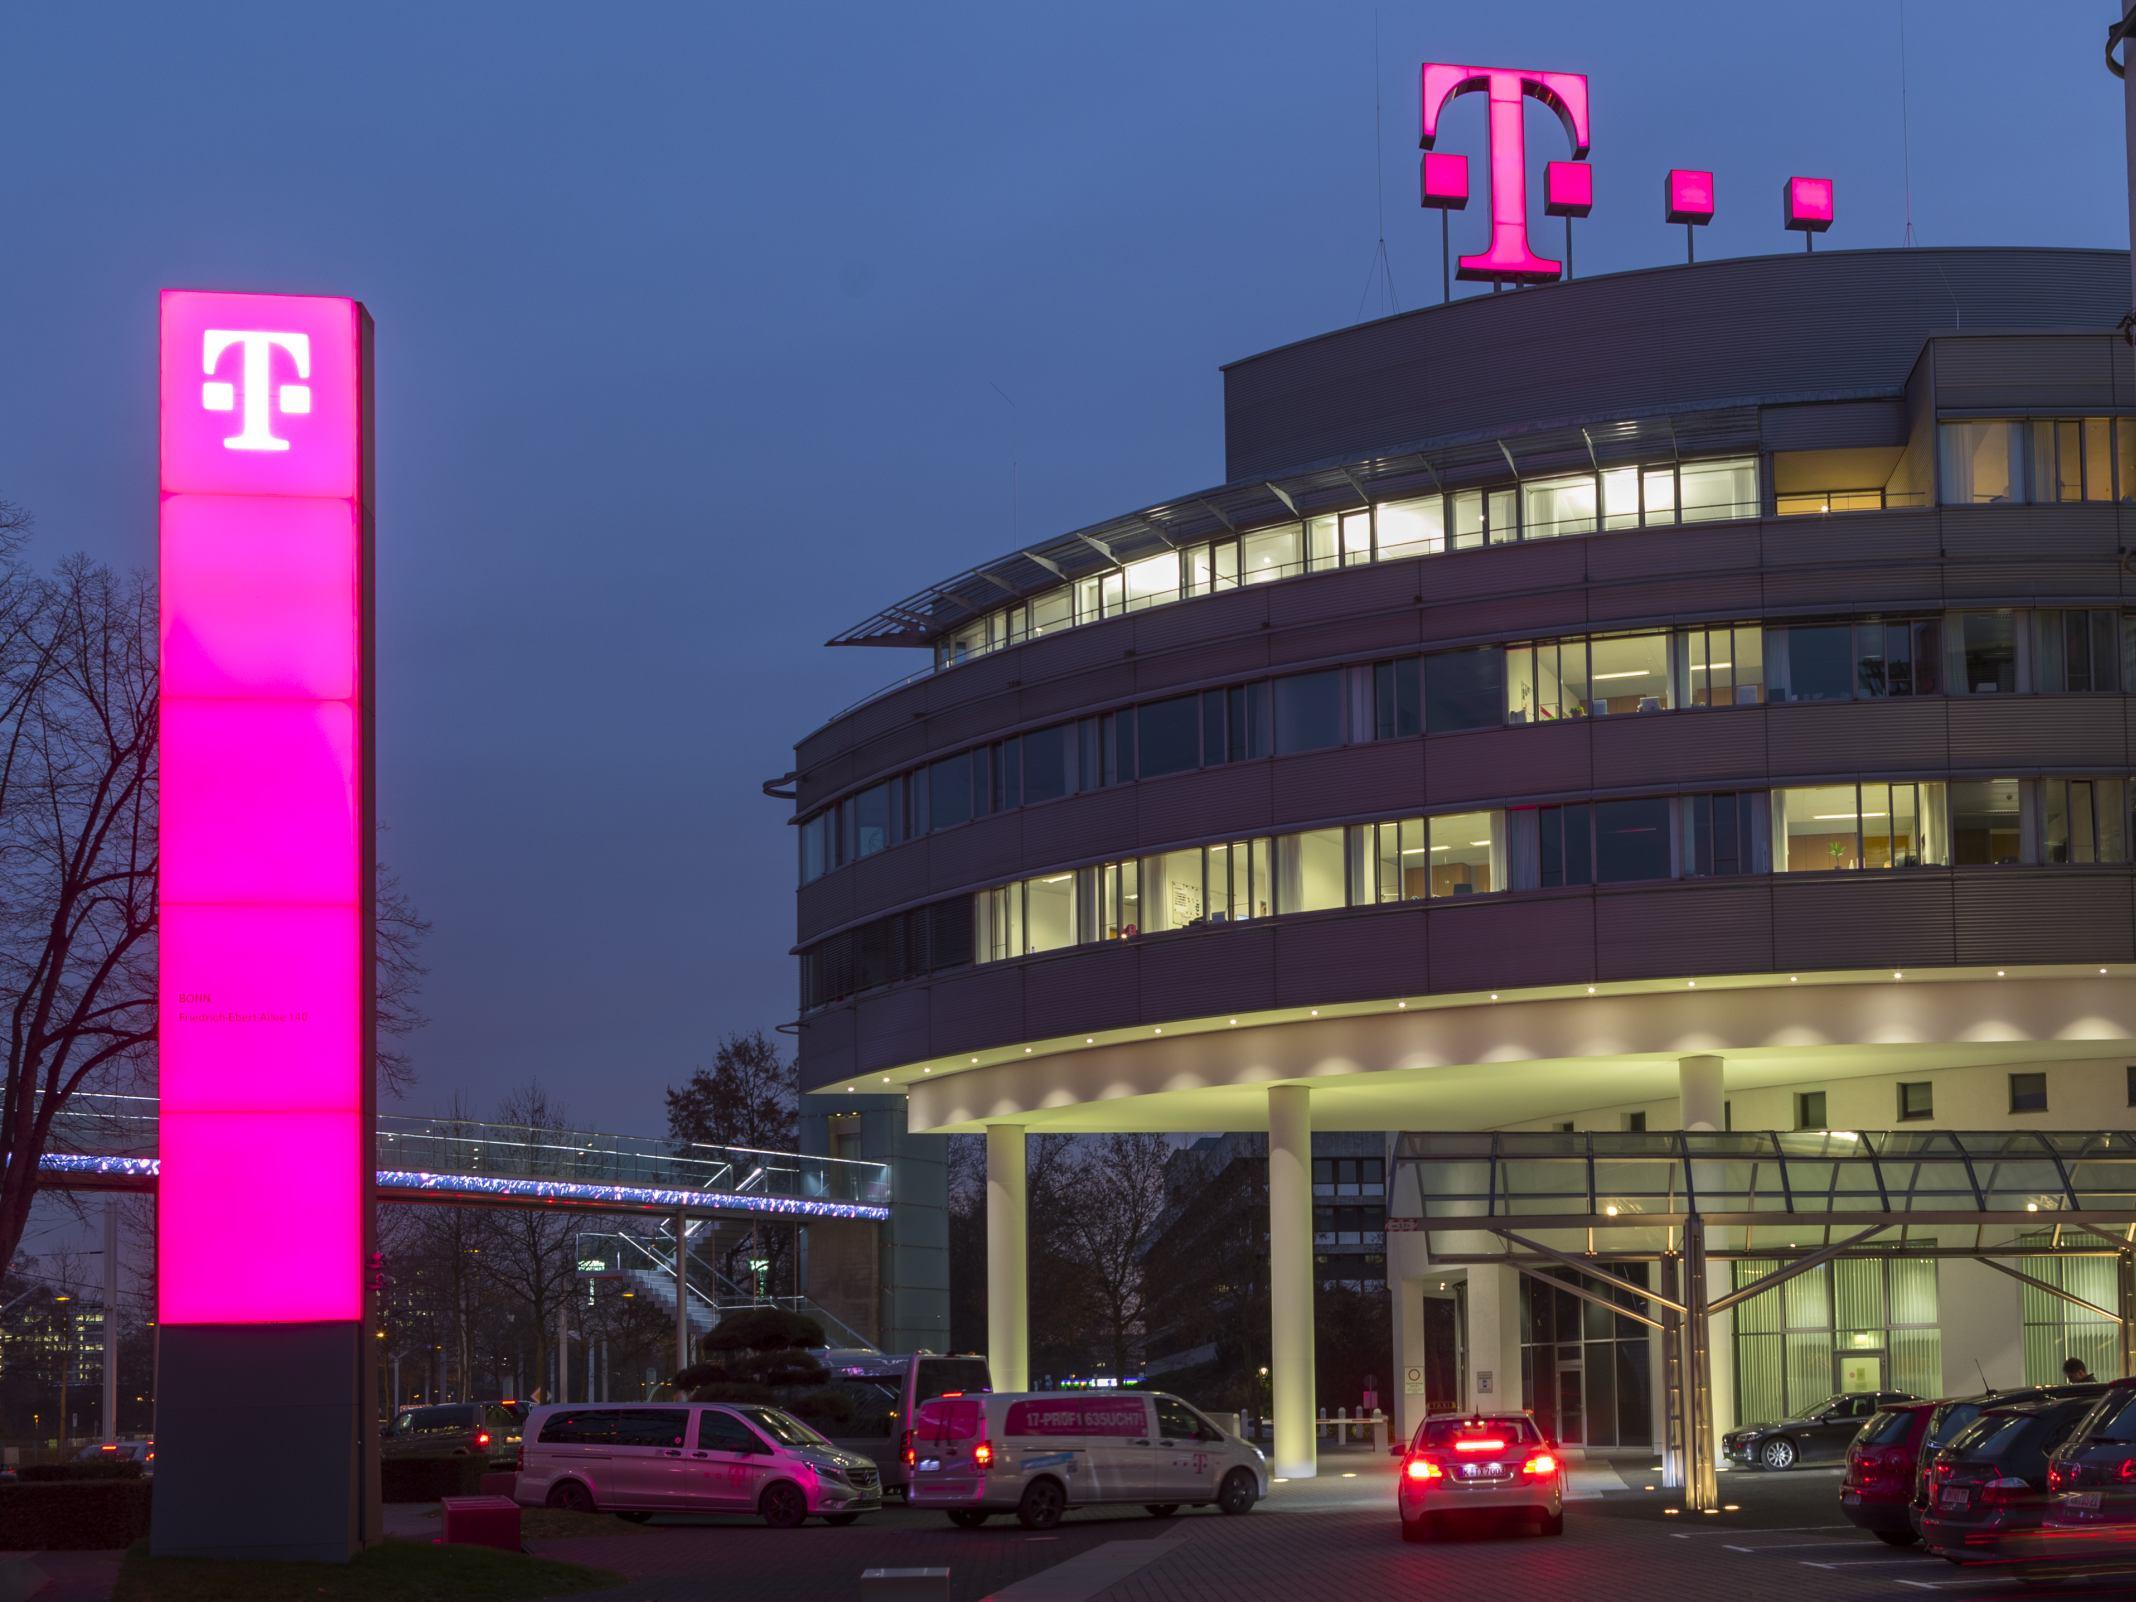 Preiserhöhung bei der Telekom: So vergrault die Telekom ihre treuen Kunden - inside digital